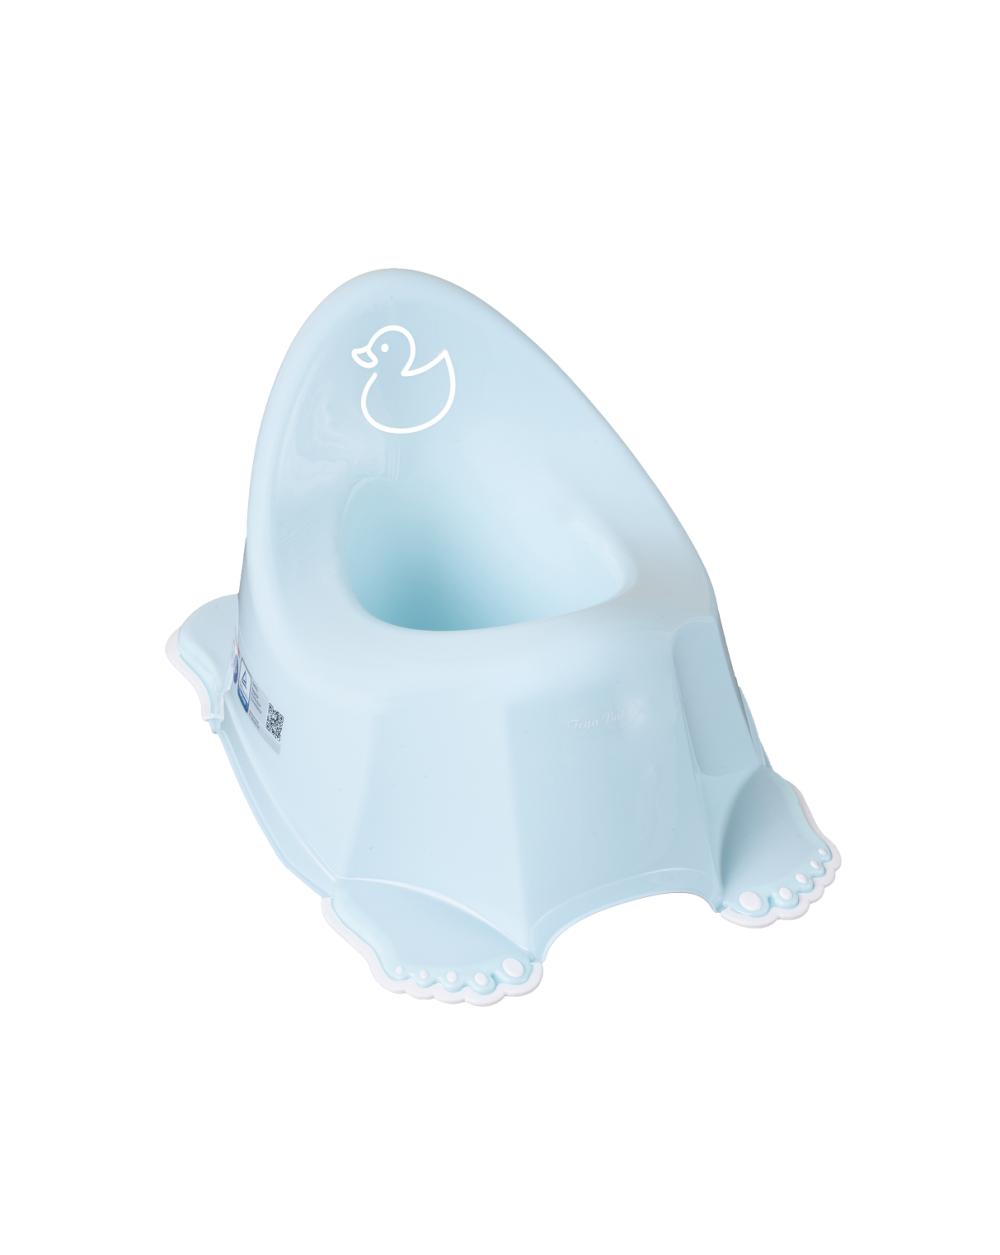 Горшок Tega Duck DK-001 нескользящий 129 light blue